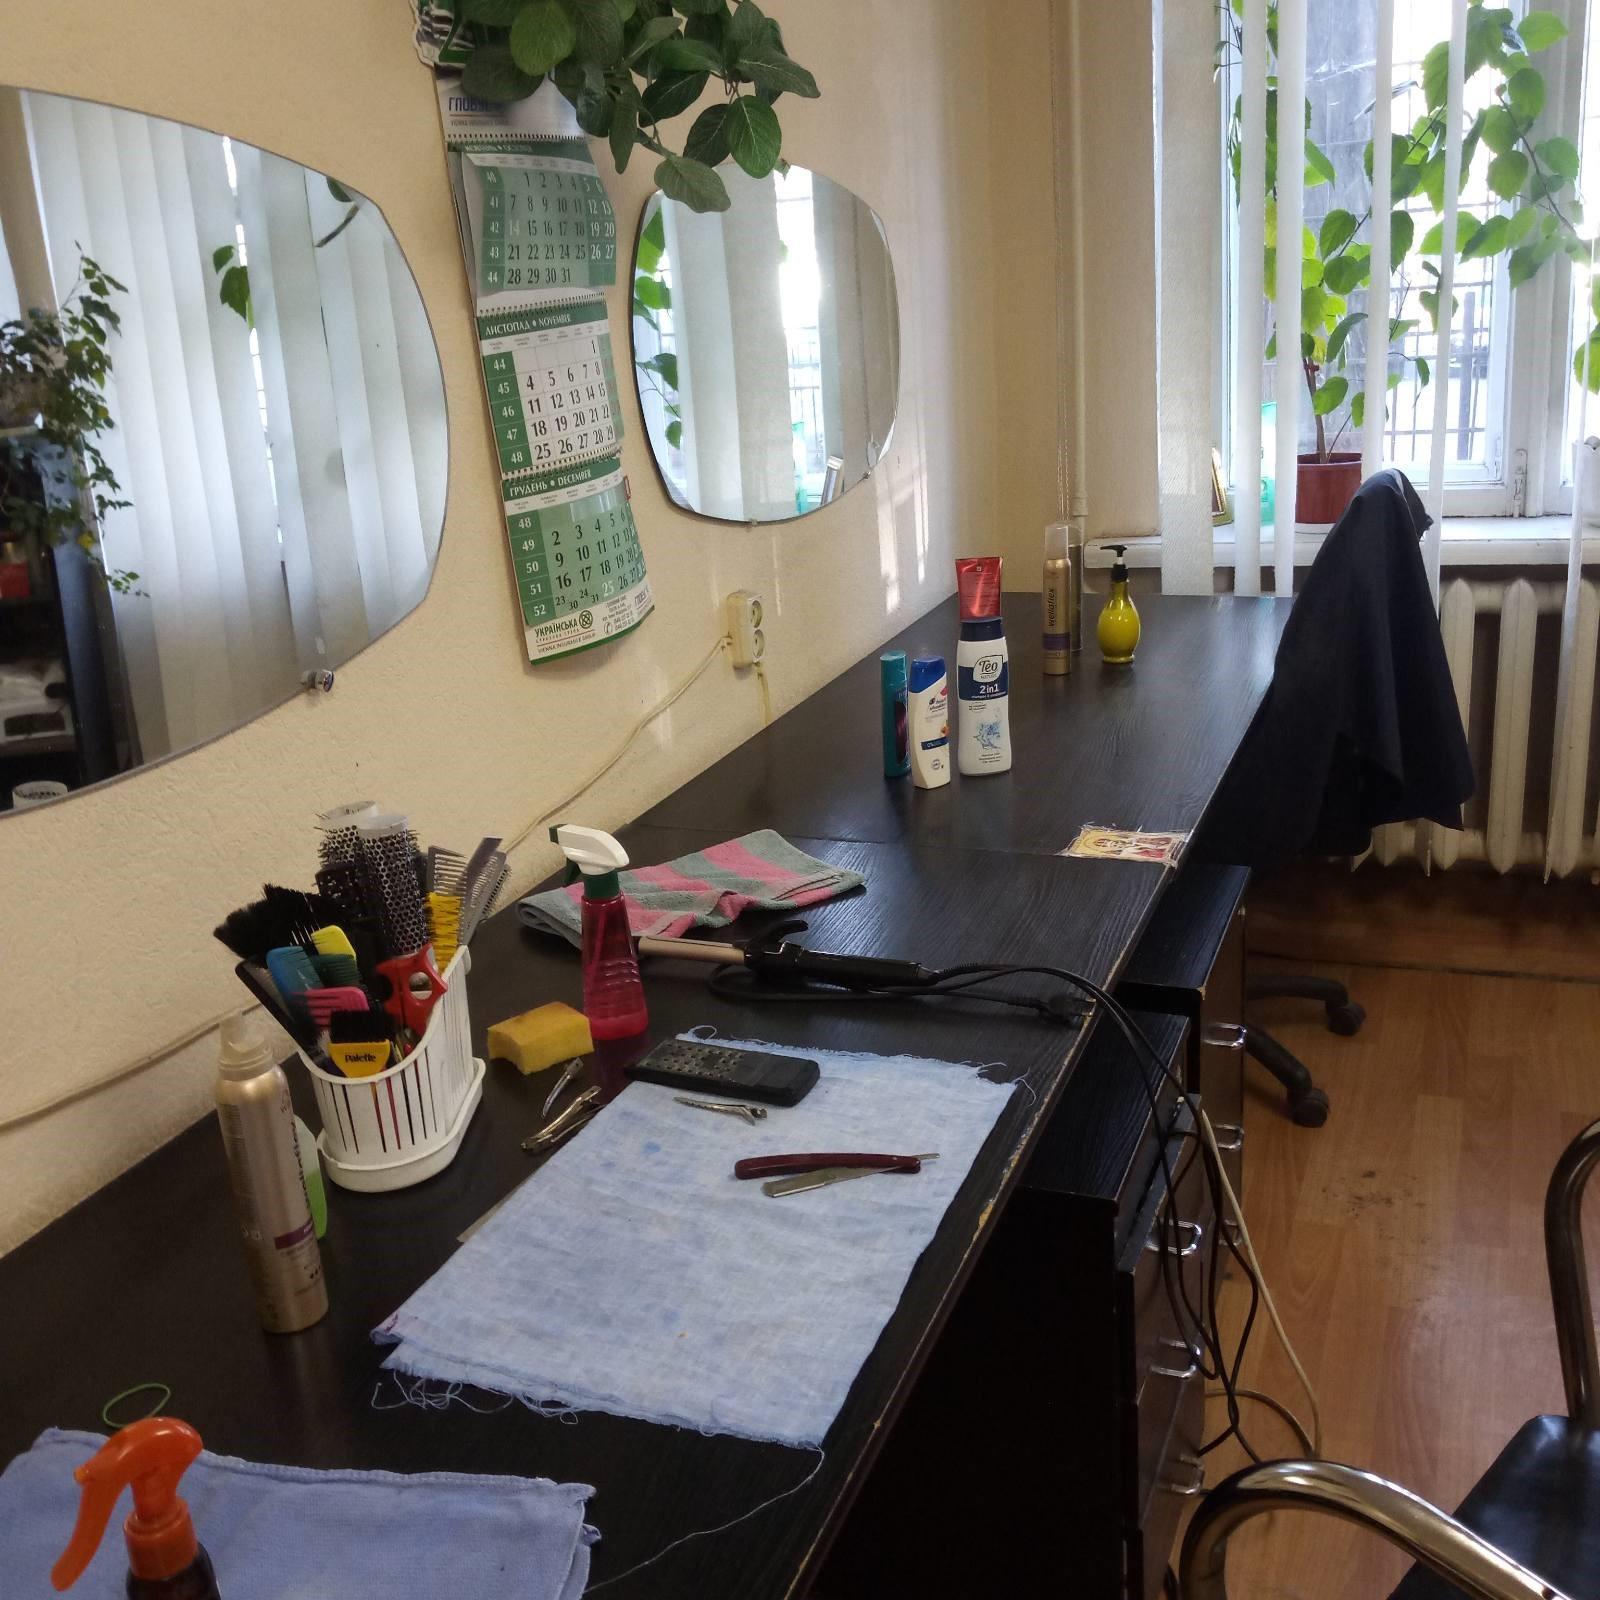 Нежитлове приміщення площею 18,8 кв. м за адресою: м. Бровари, бульвар Незалежності, 3Б